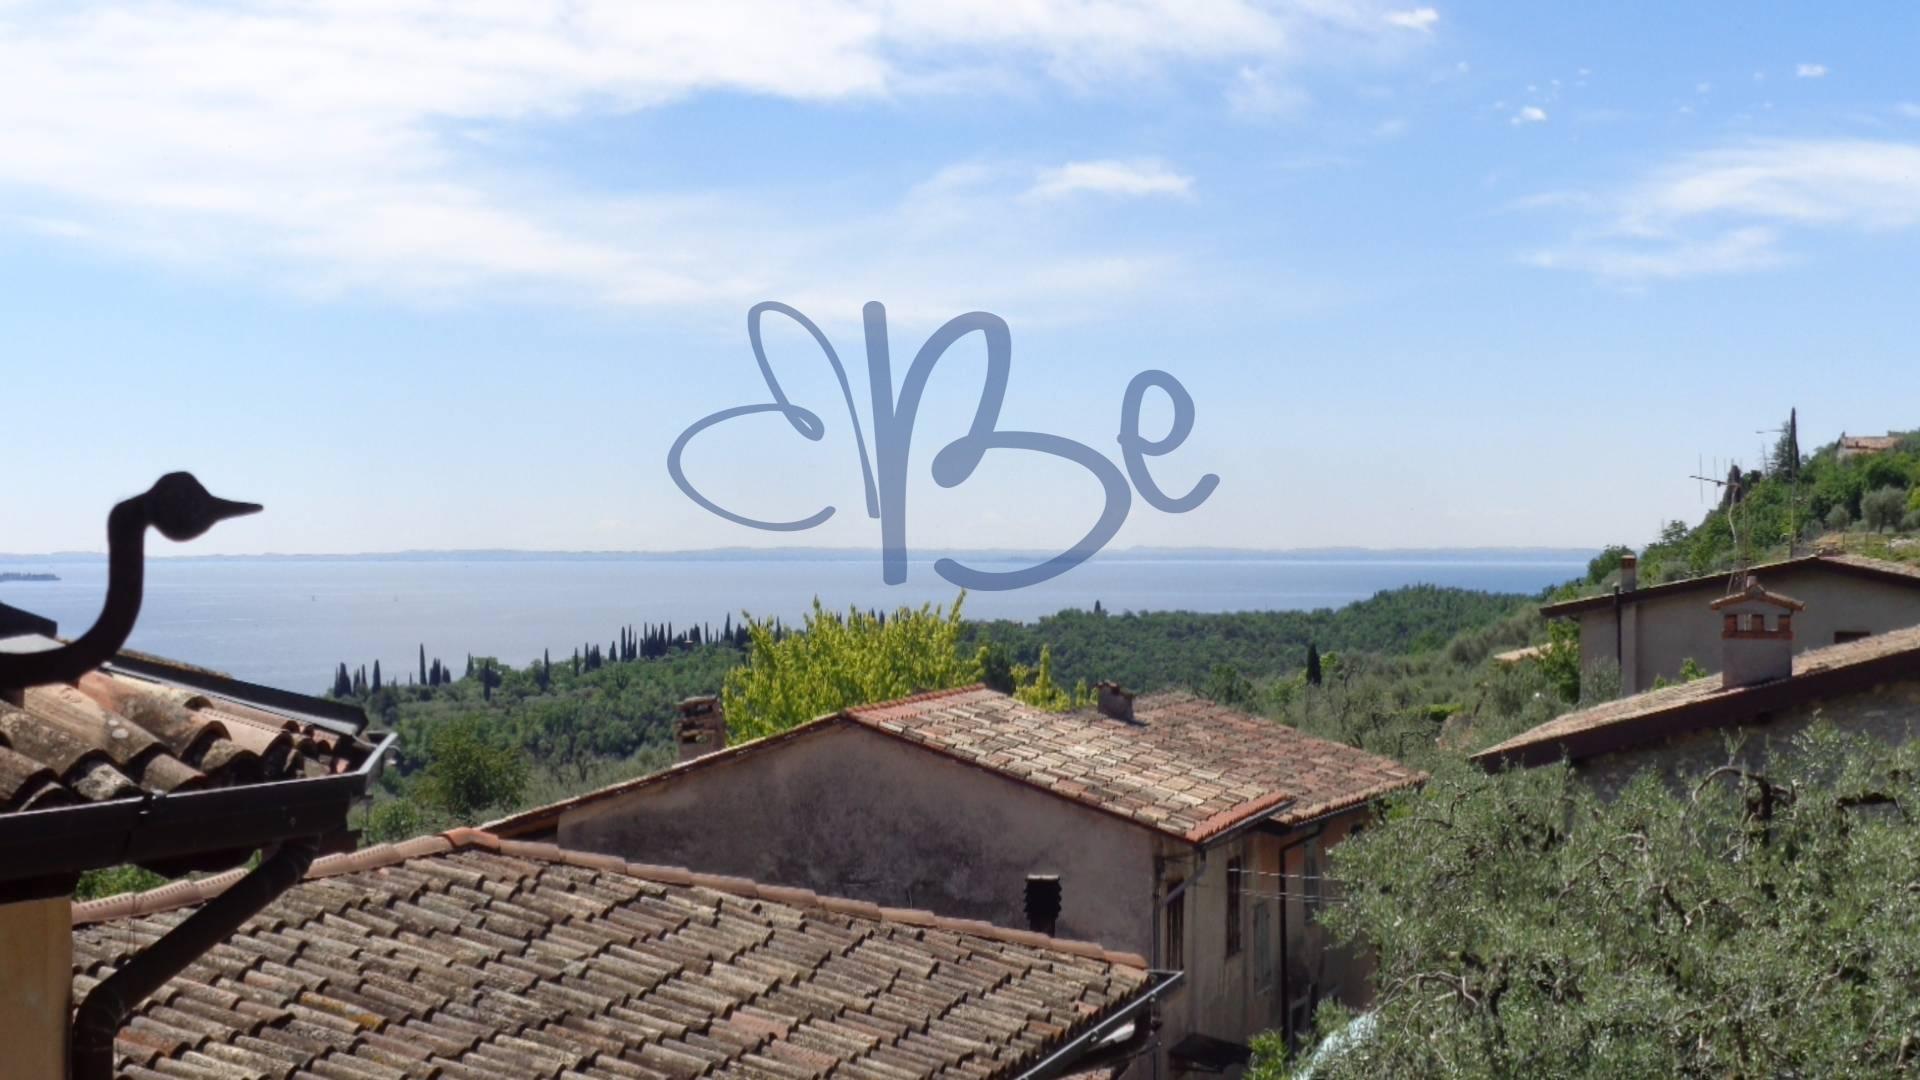 Rustico / Casale in vendita a Gargnano, 5 locali, prezzo € 175.000 | Cambio Casa.it